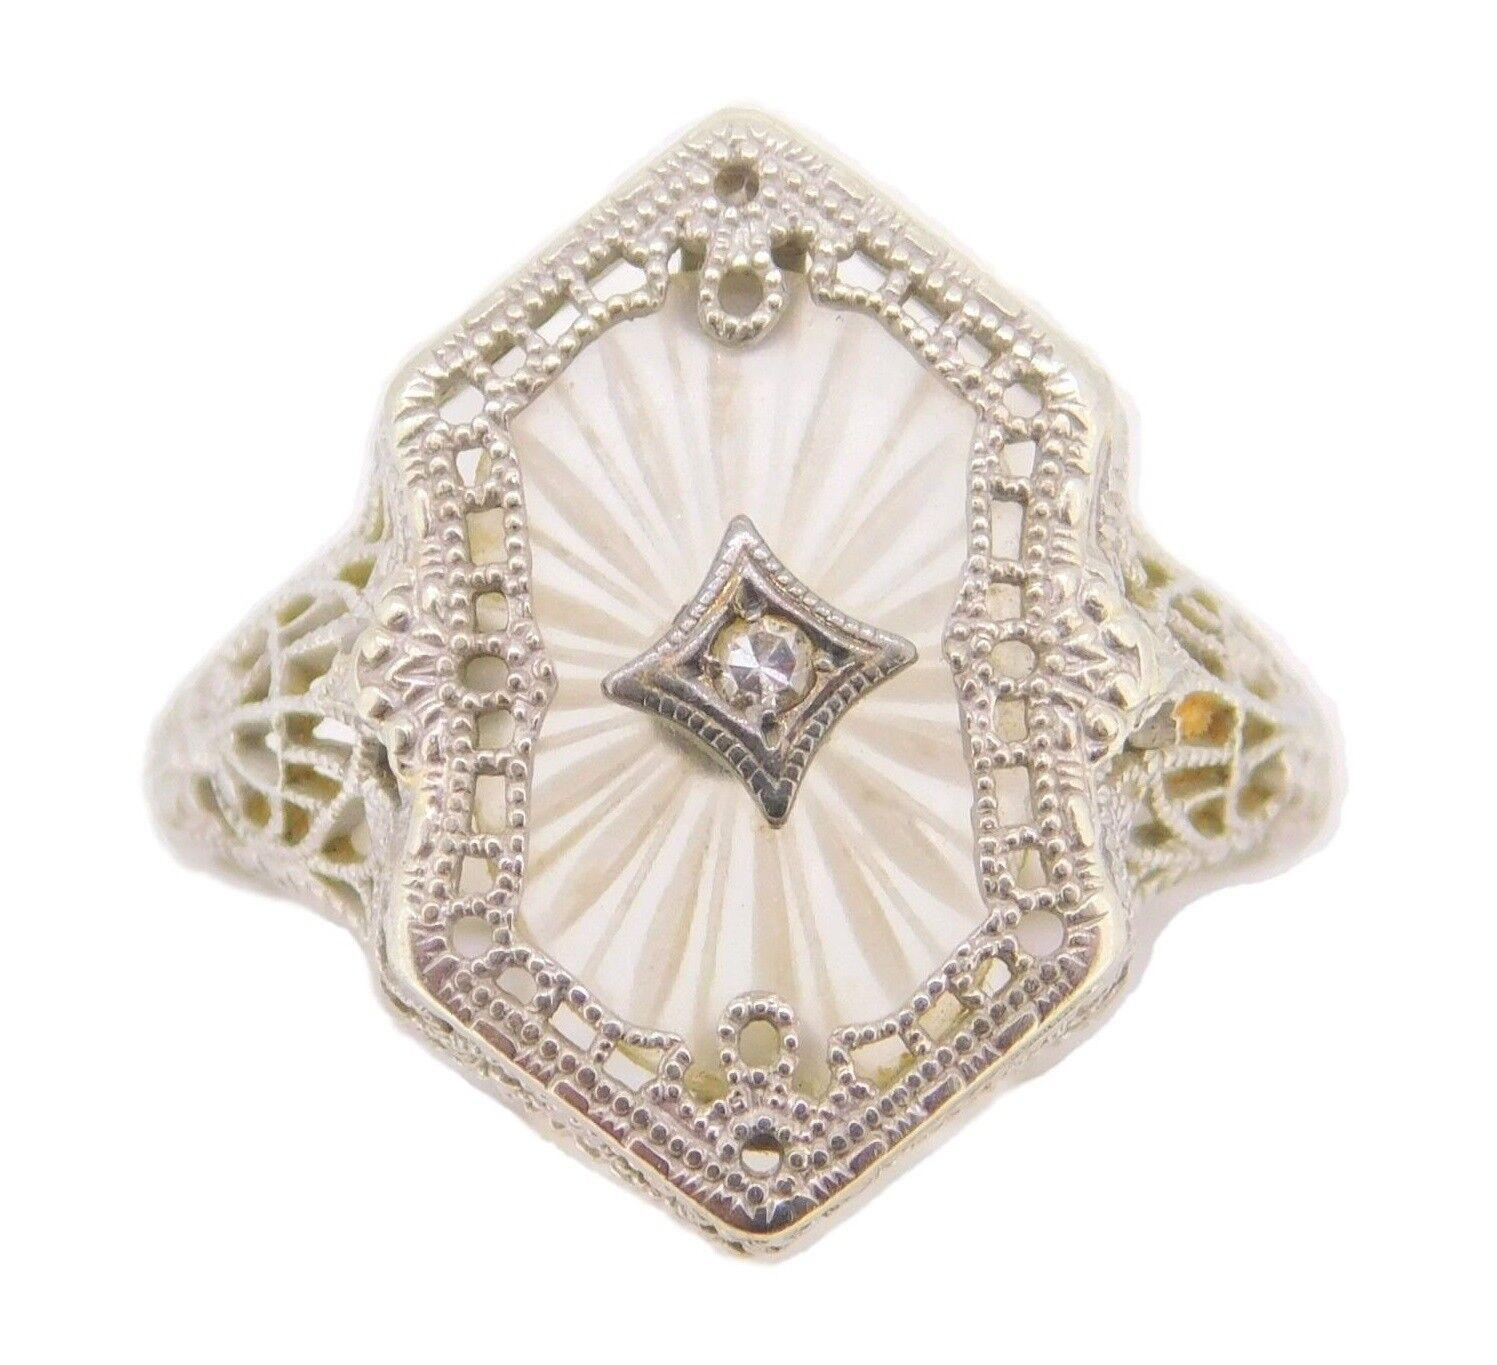 Argento Sterling 3pt Smeraldo & Marcasite Art Deco Geco Spilla Gioielli Di Lusso Con Diamanti E Gemme